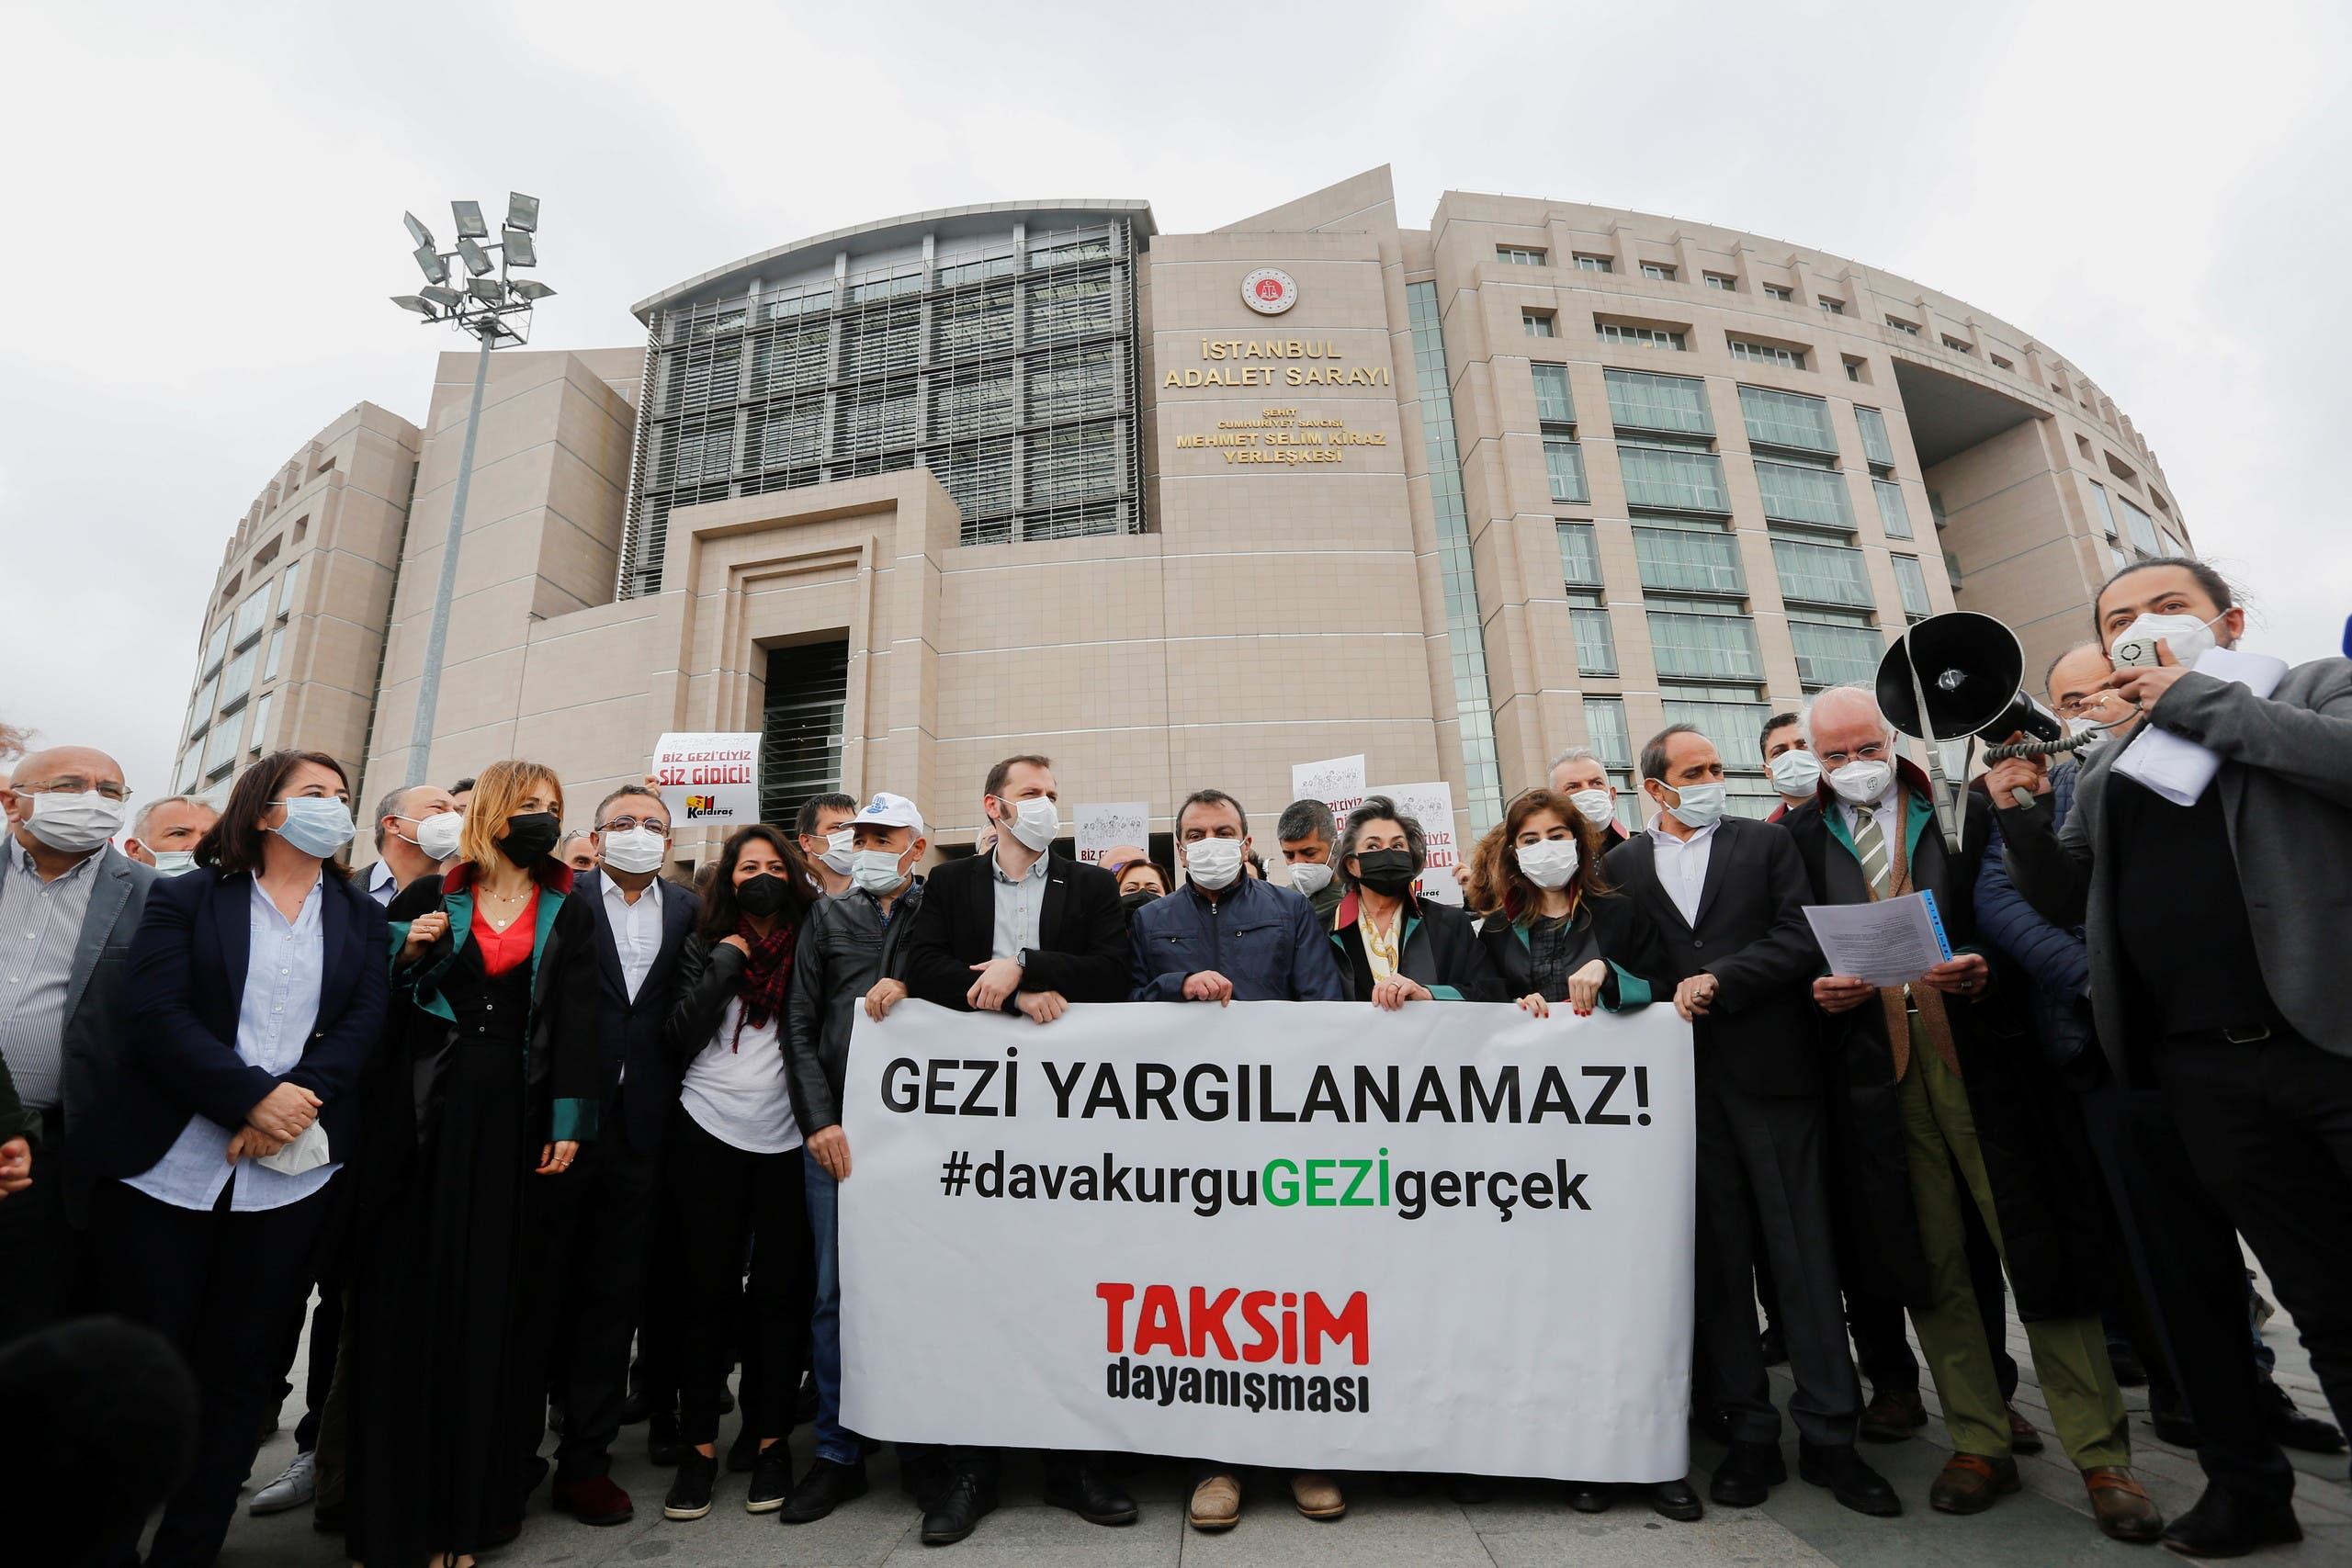 اعتصام أمام قصر العدل في مايو الماضي على إعادة محاكمة كافالا